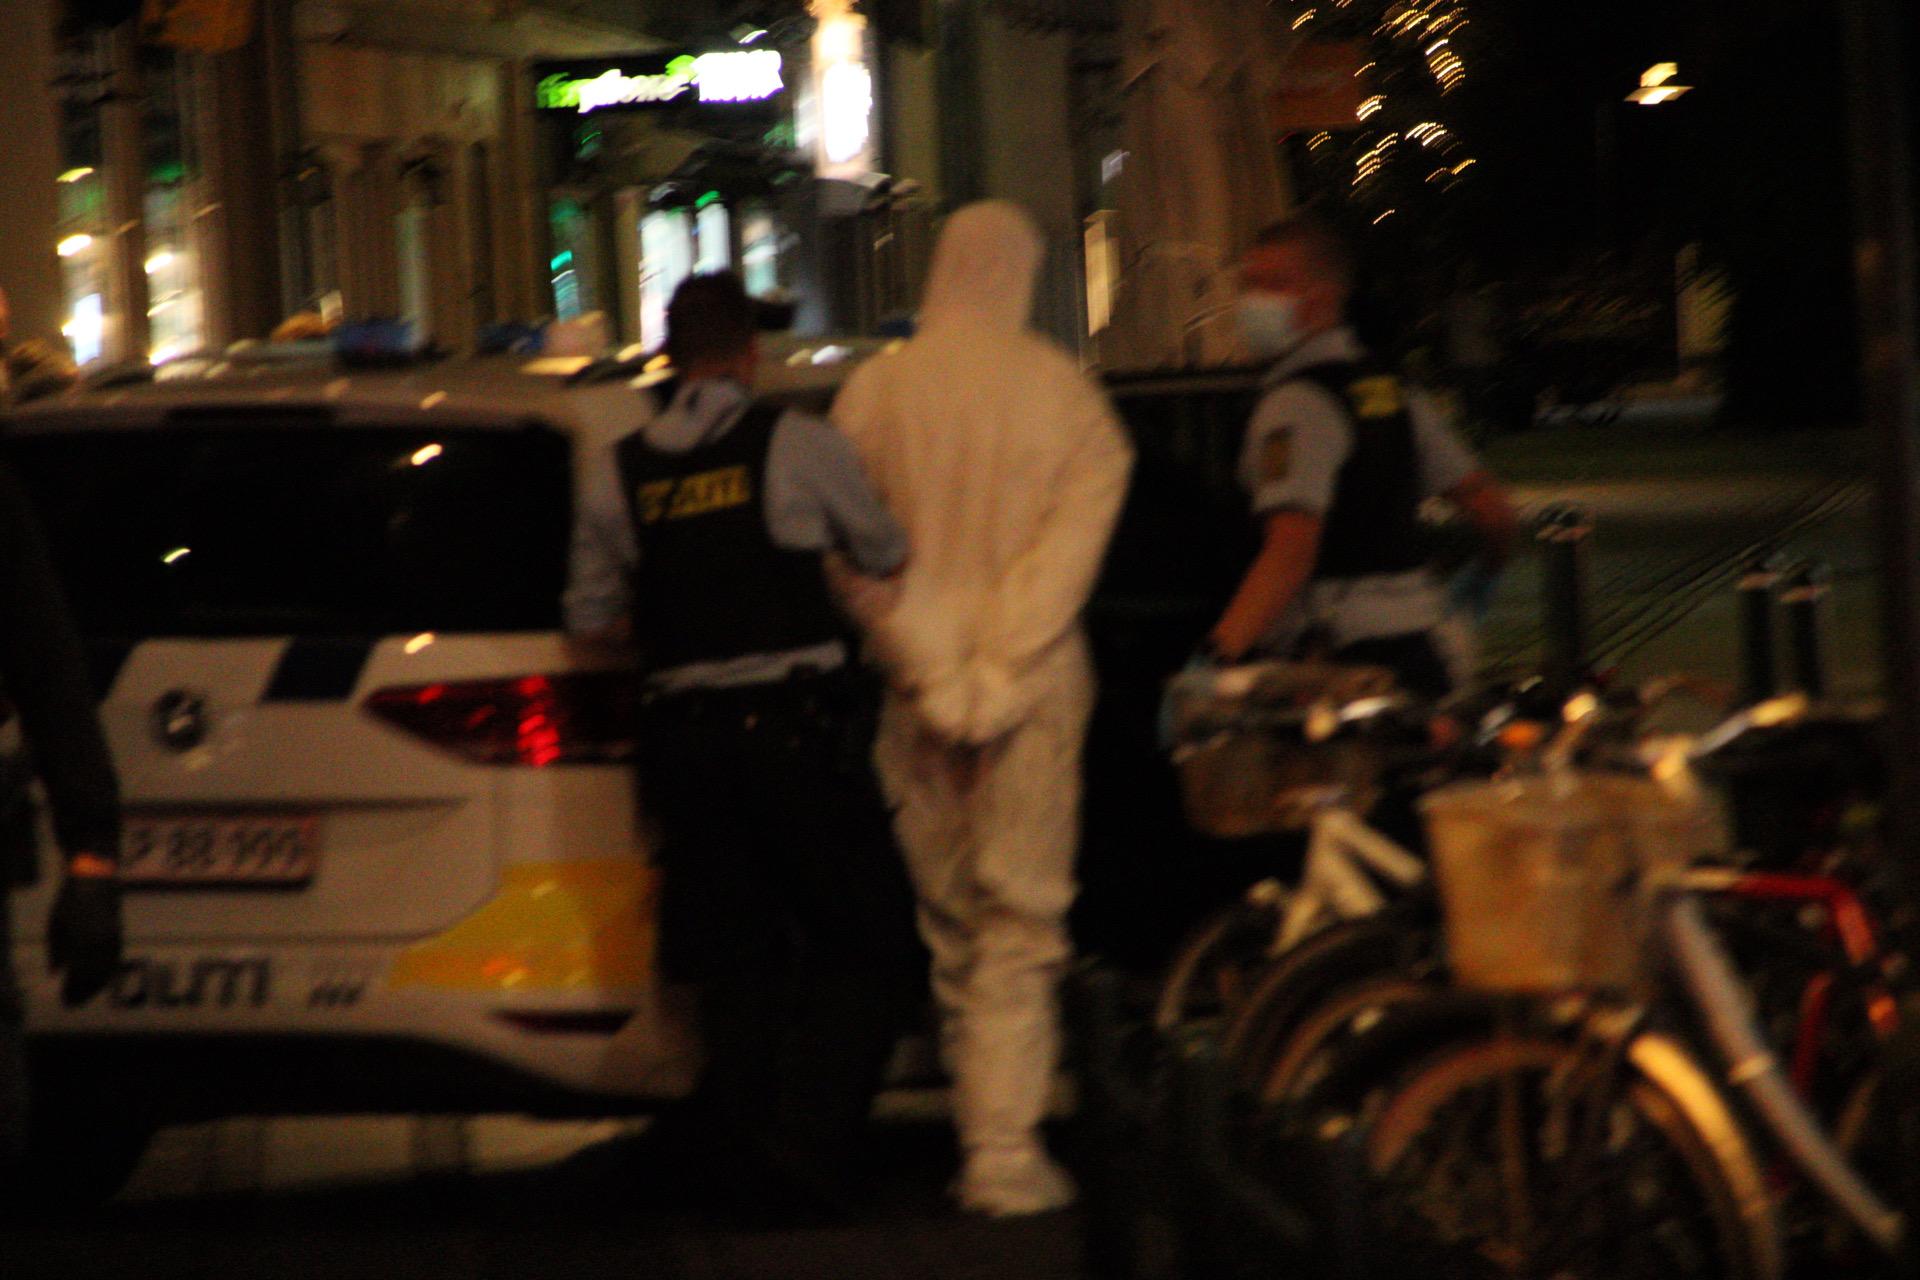 Uro på bar - en anholdt i DNA-dragt